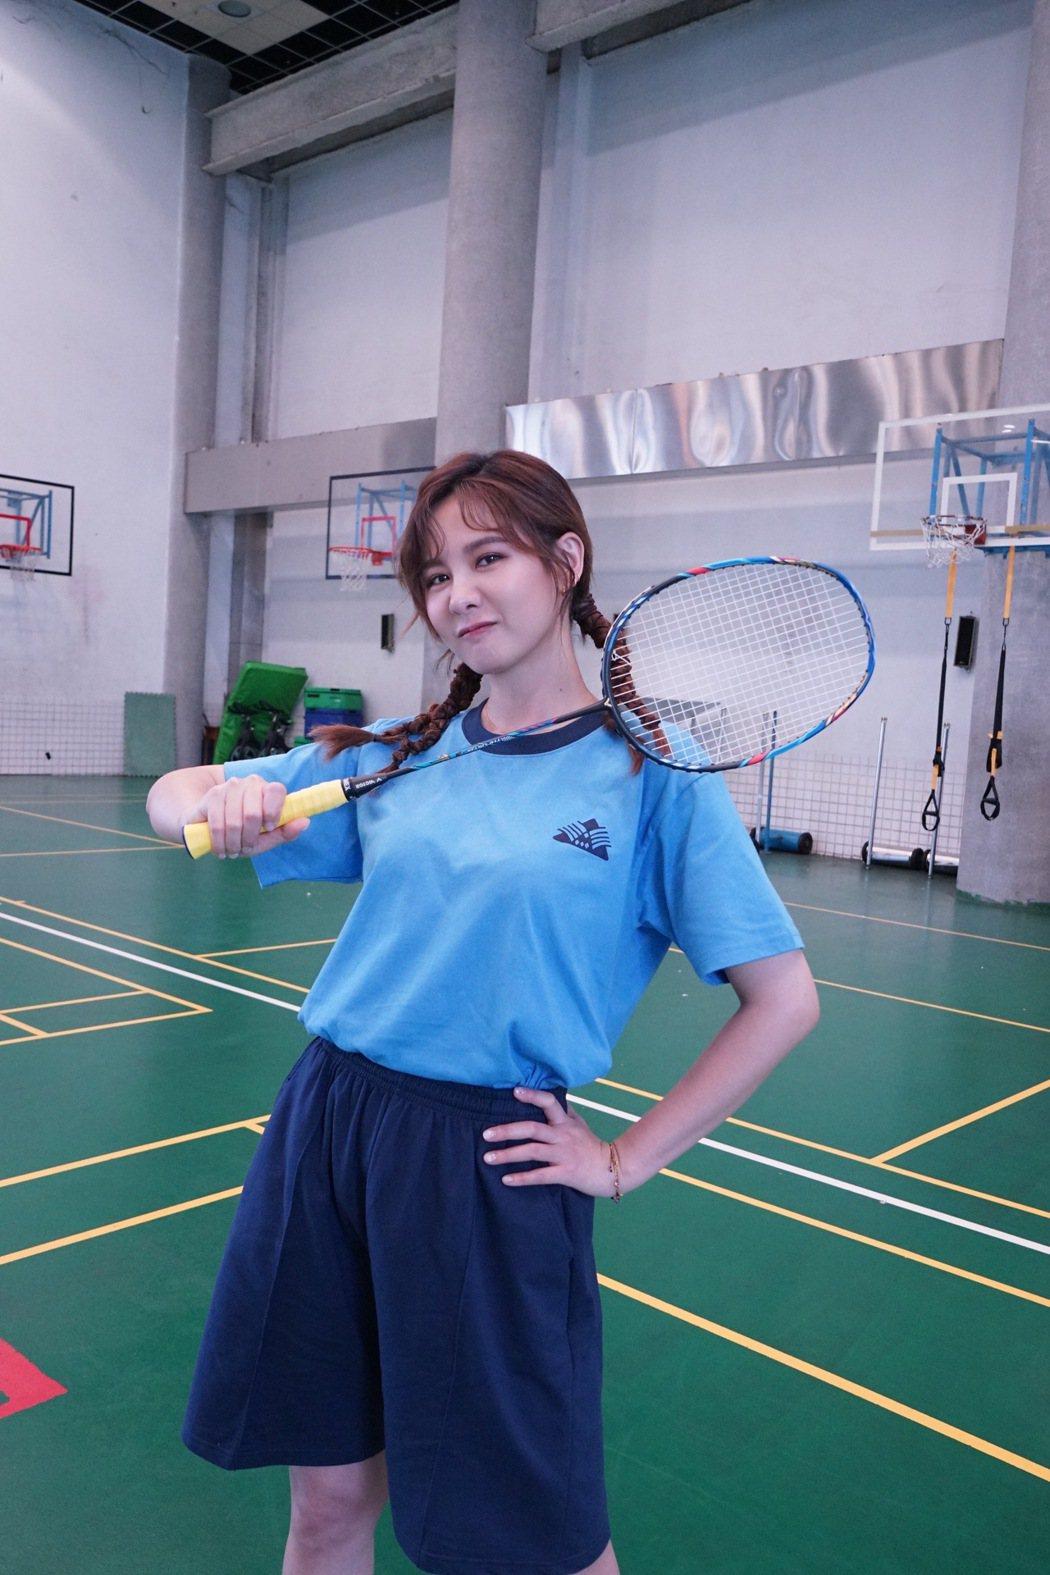 安心亞化身美麗的羽球隊經理。圖/三立電視提供